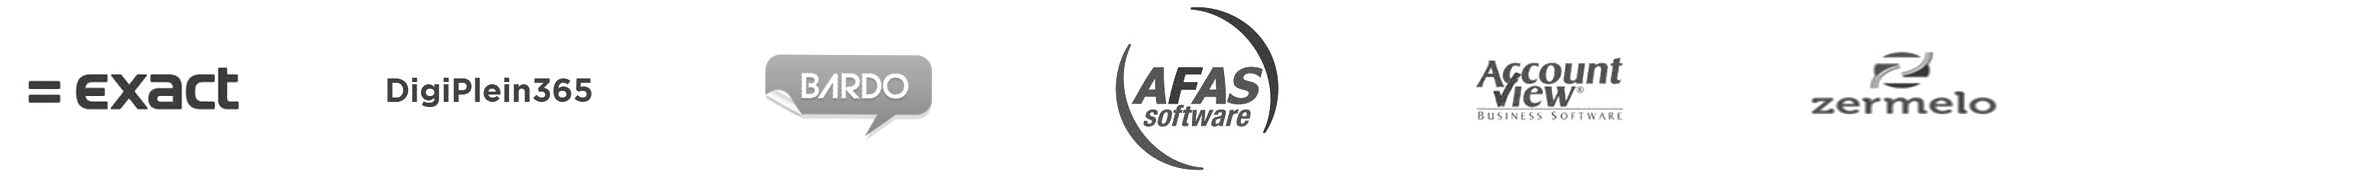 exact-digiplein365-bardo-afas-accountview-zermelo-open-systeem